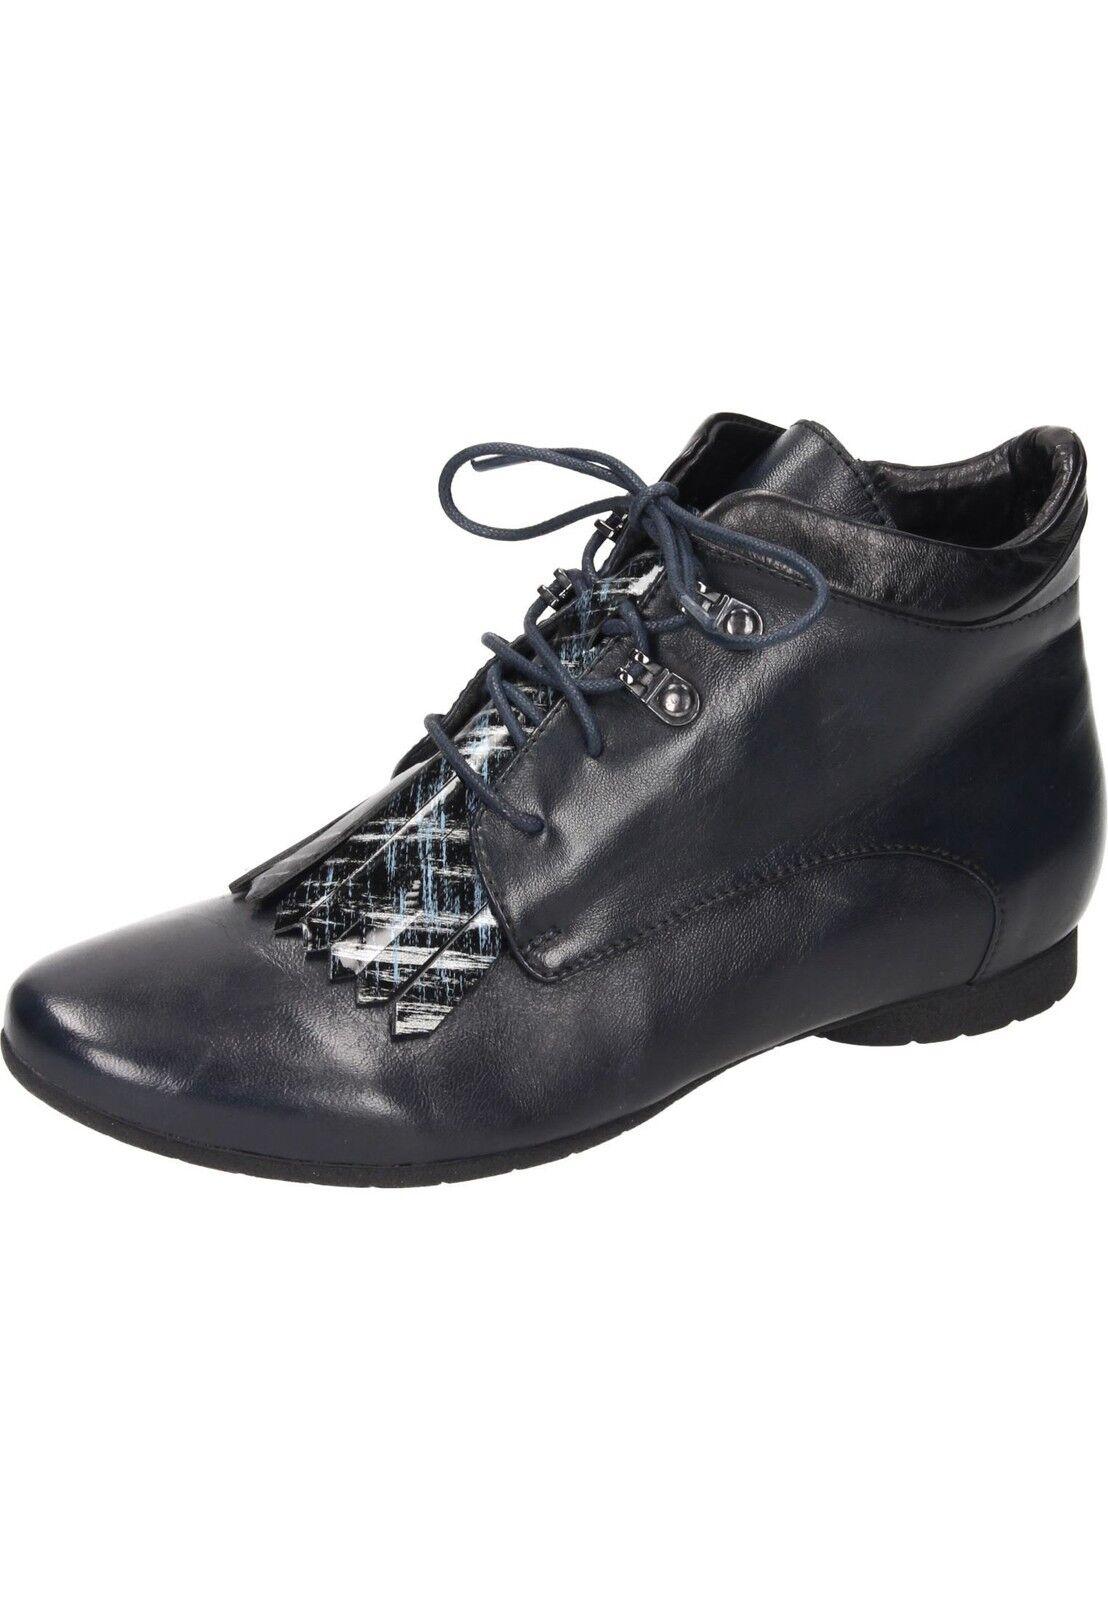 Botas Botines Mujer Zapatos De 991194 43 Neu29 Gr36 Piel Piazza VMzUSp